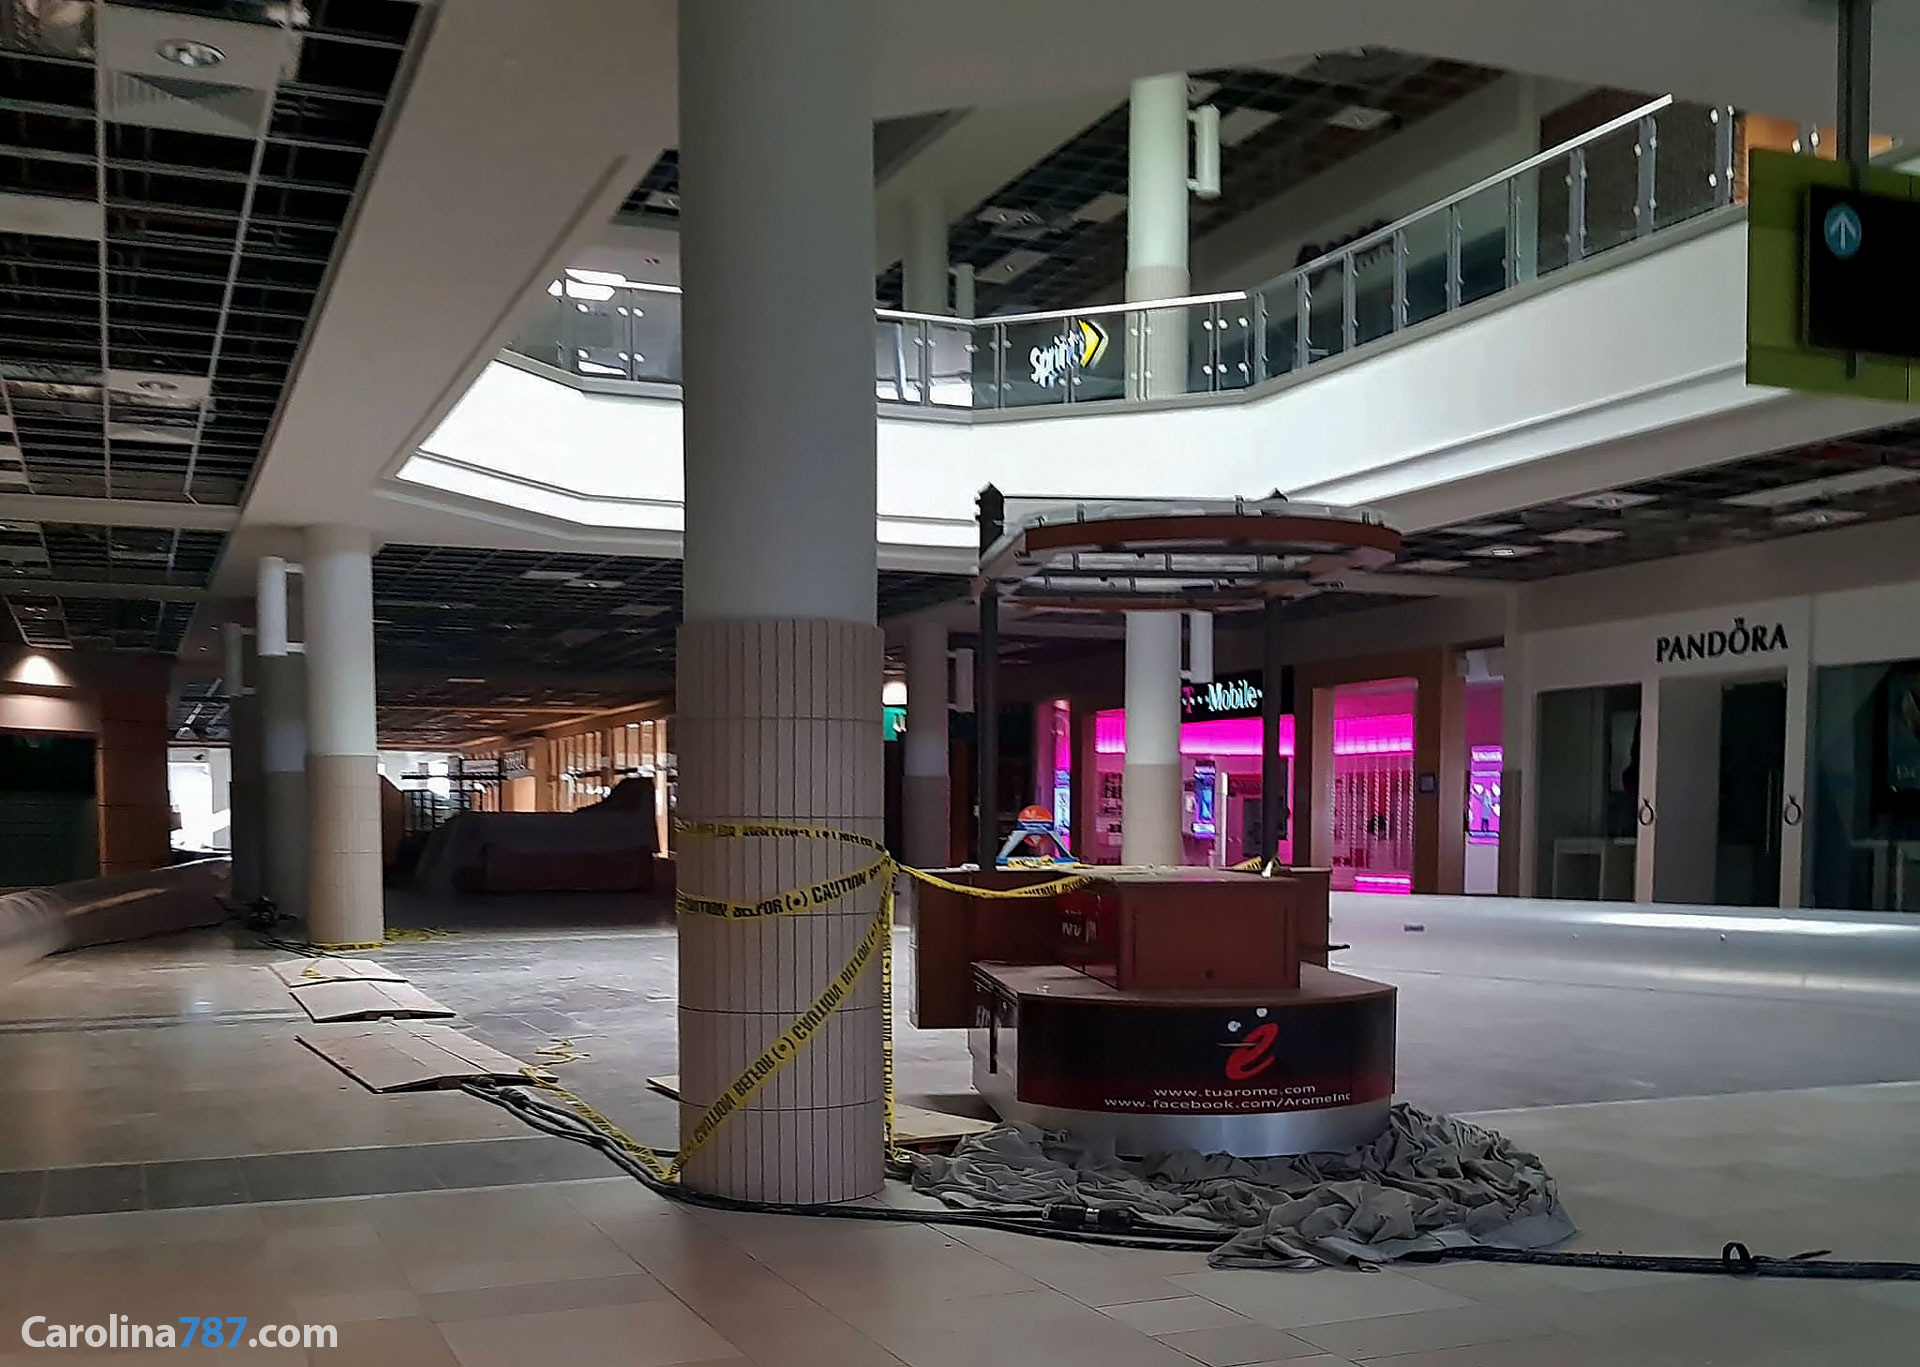 Área de Pandora y T-Mobile de Plaza Carolina tras el paso del Huracán María en septiembre del 2017.